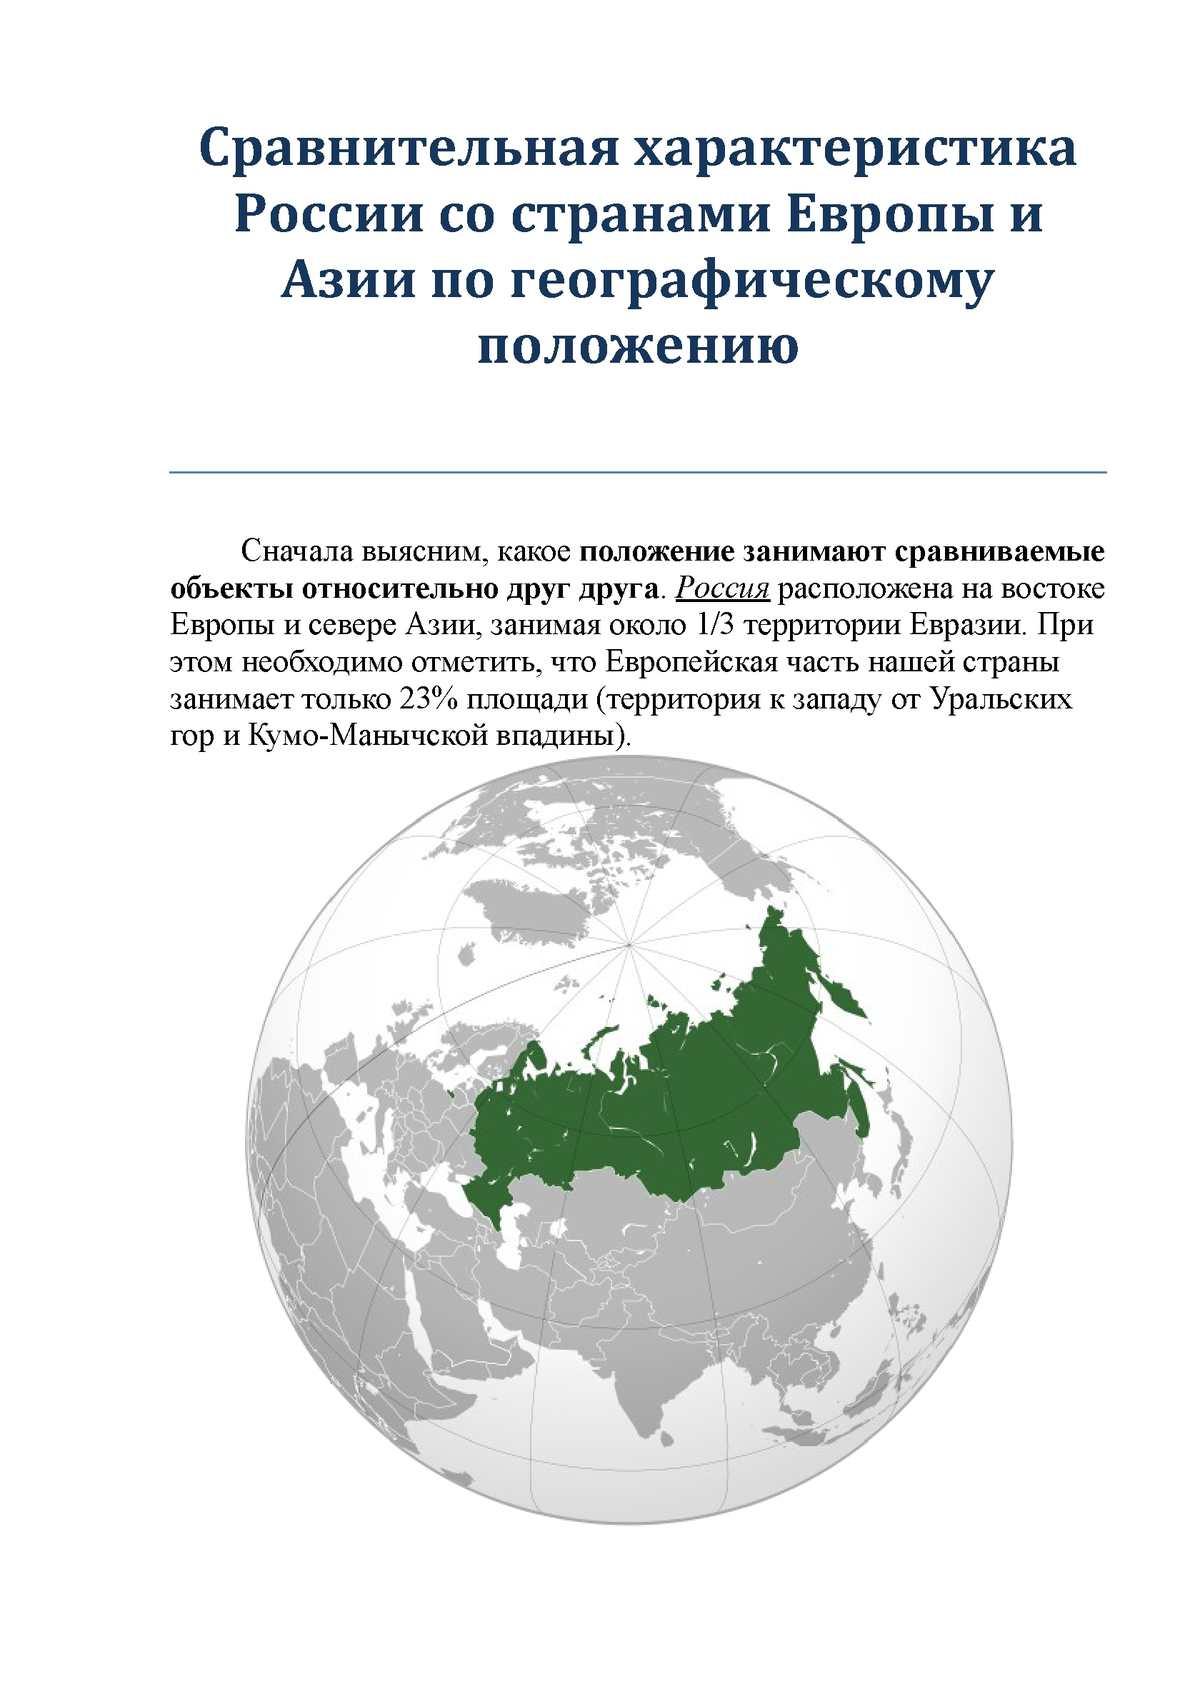 европейская территория россии занимает площади европы фильм давай займемся любовью 2020